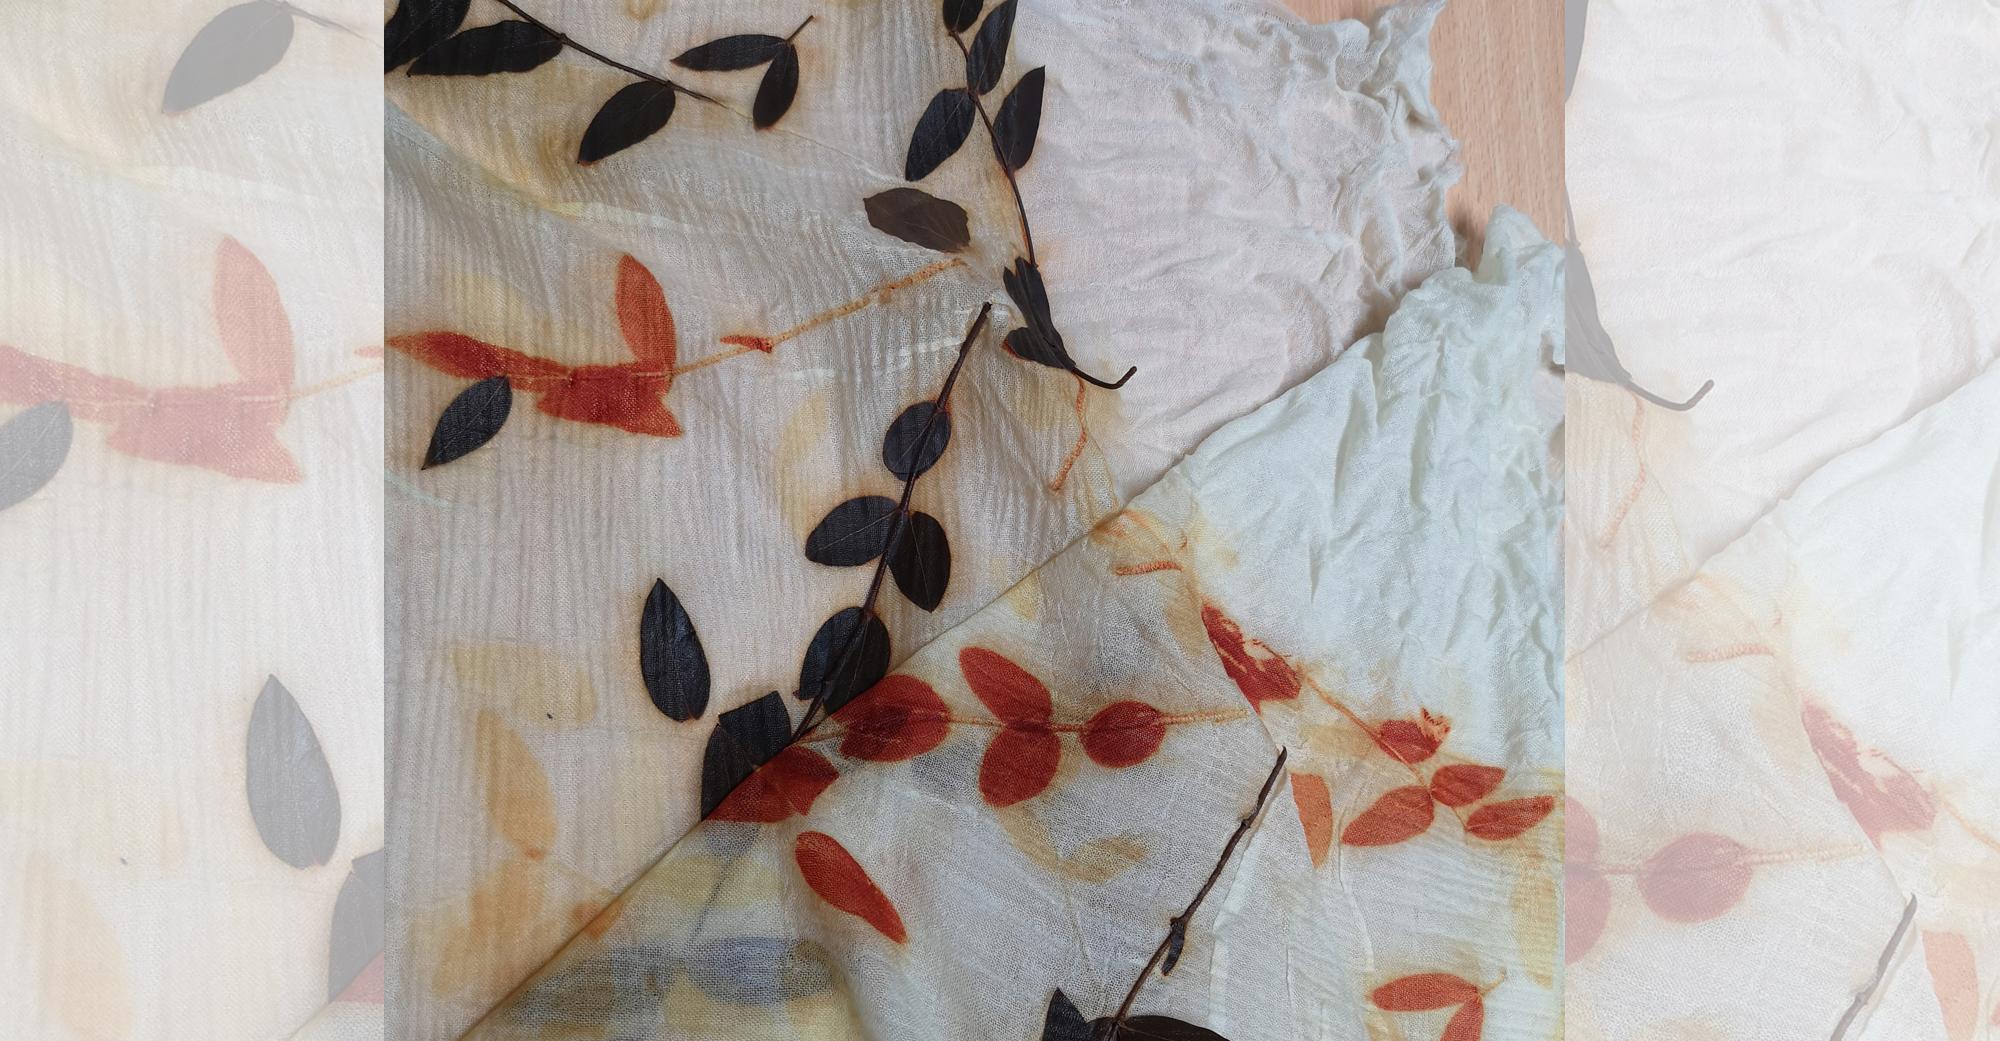 Abbildung getrocknete Pflanzen auf einem Tuch